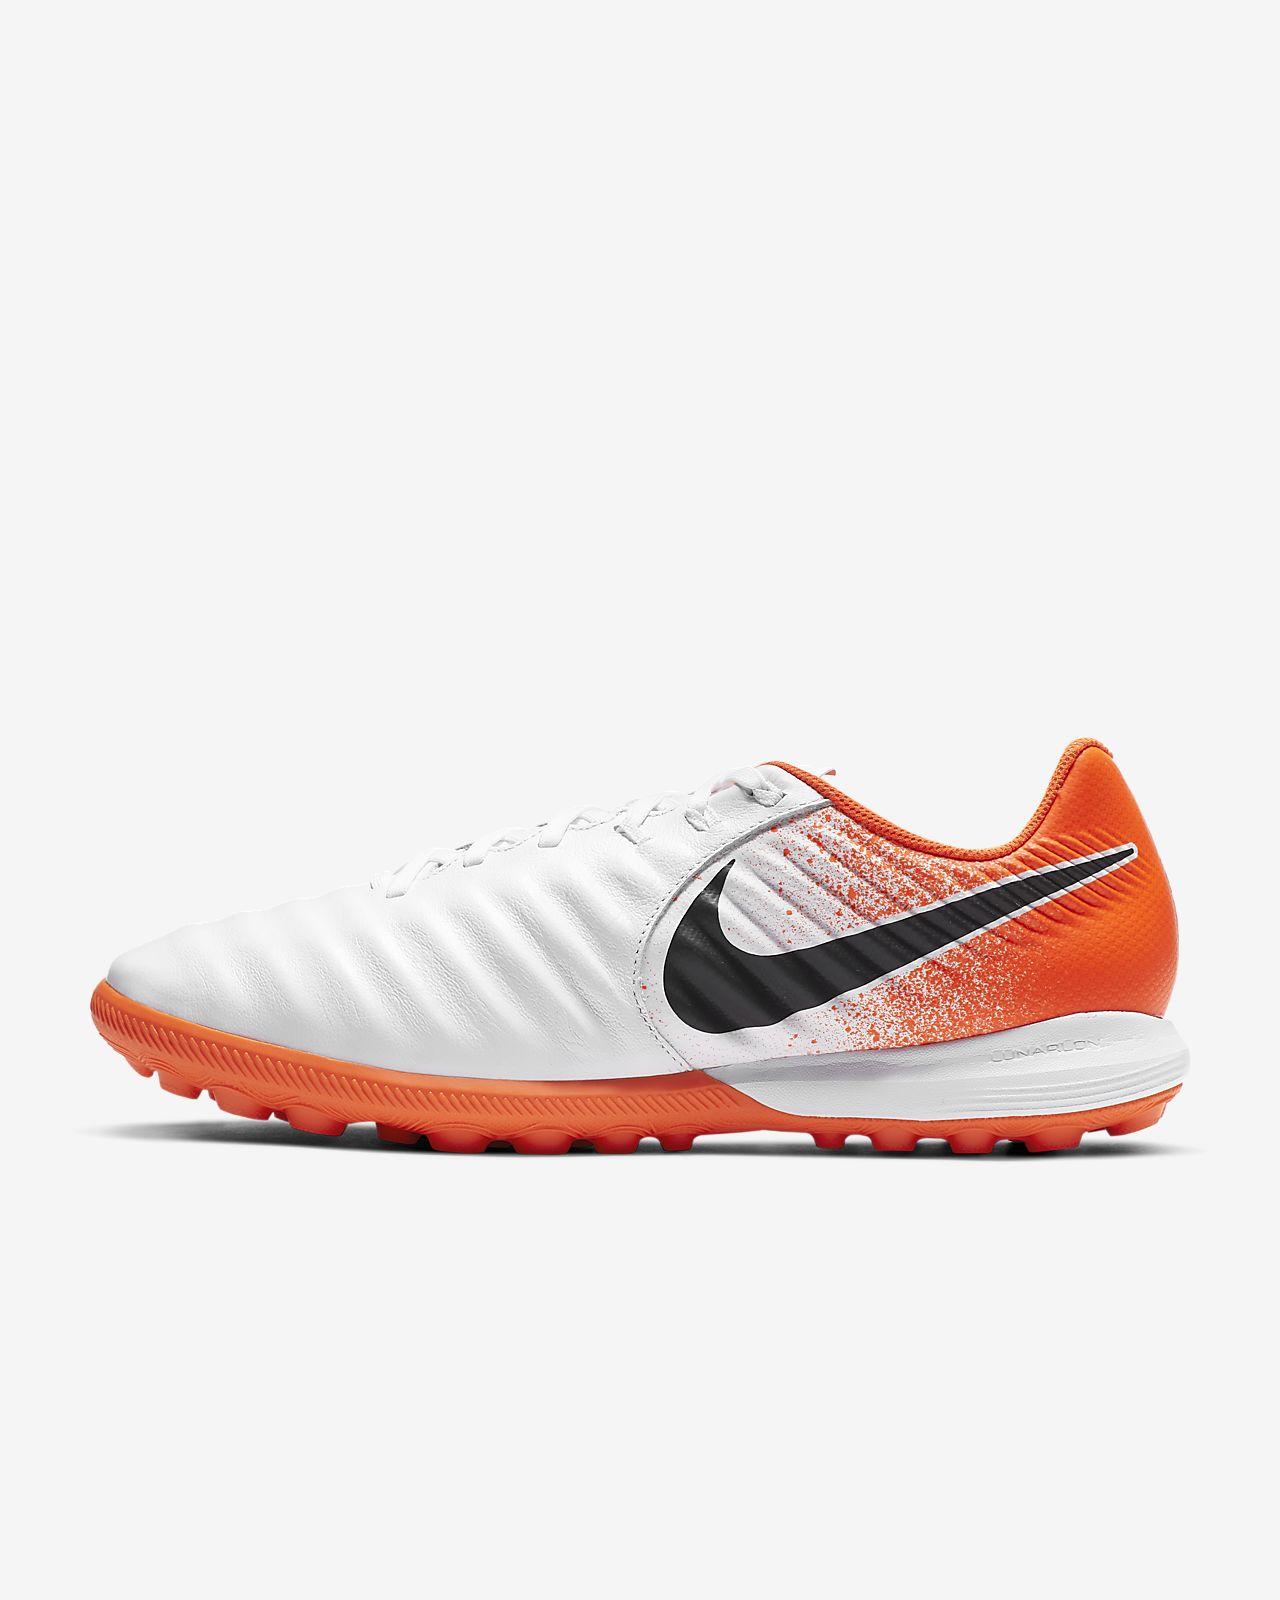 separation shoes ad030 ee49a ... Calzado de fútbol para césped sintético Nike TiempoX Lunar Legend VII  Pro